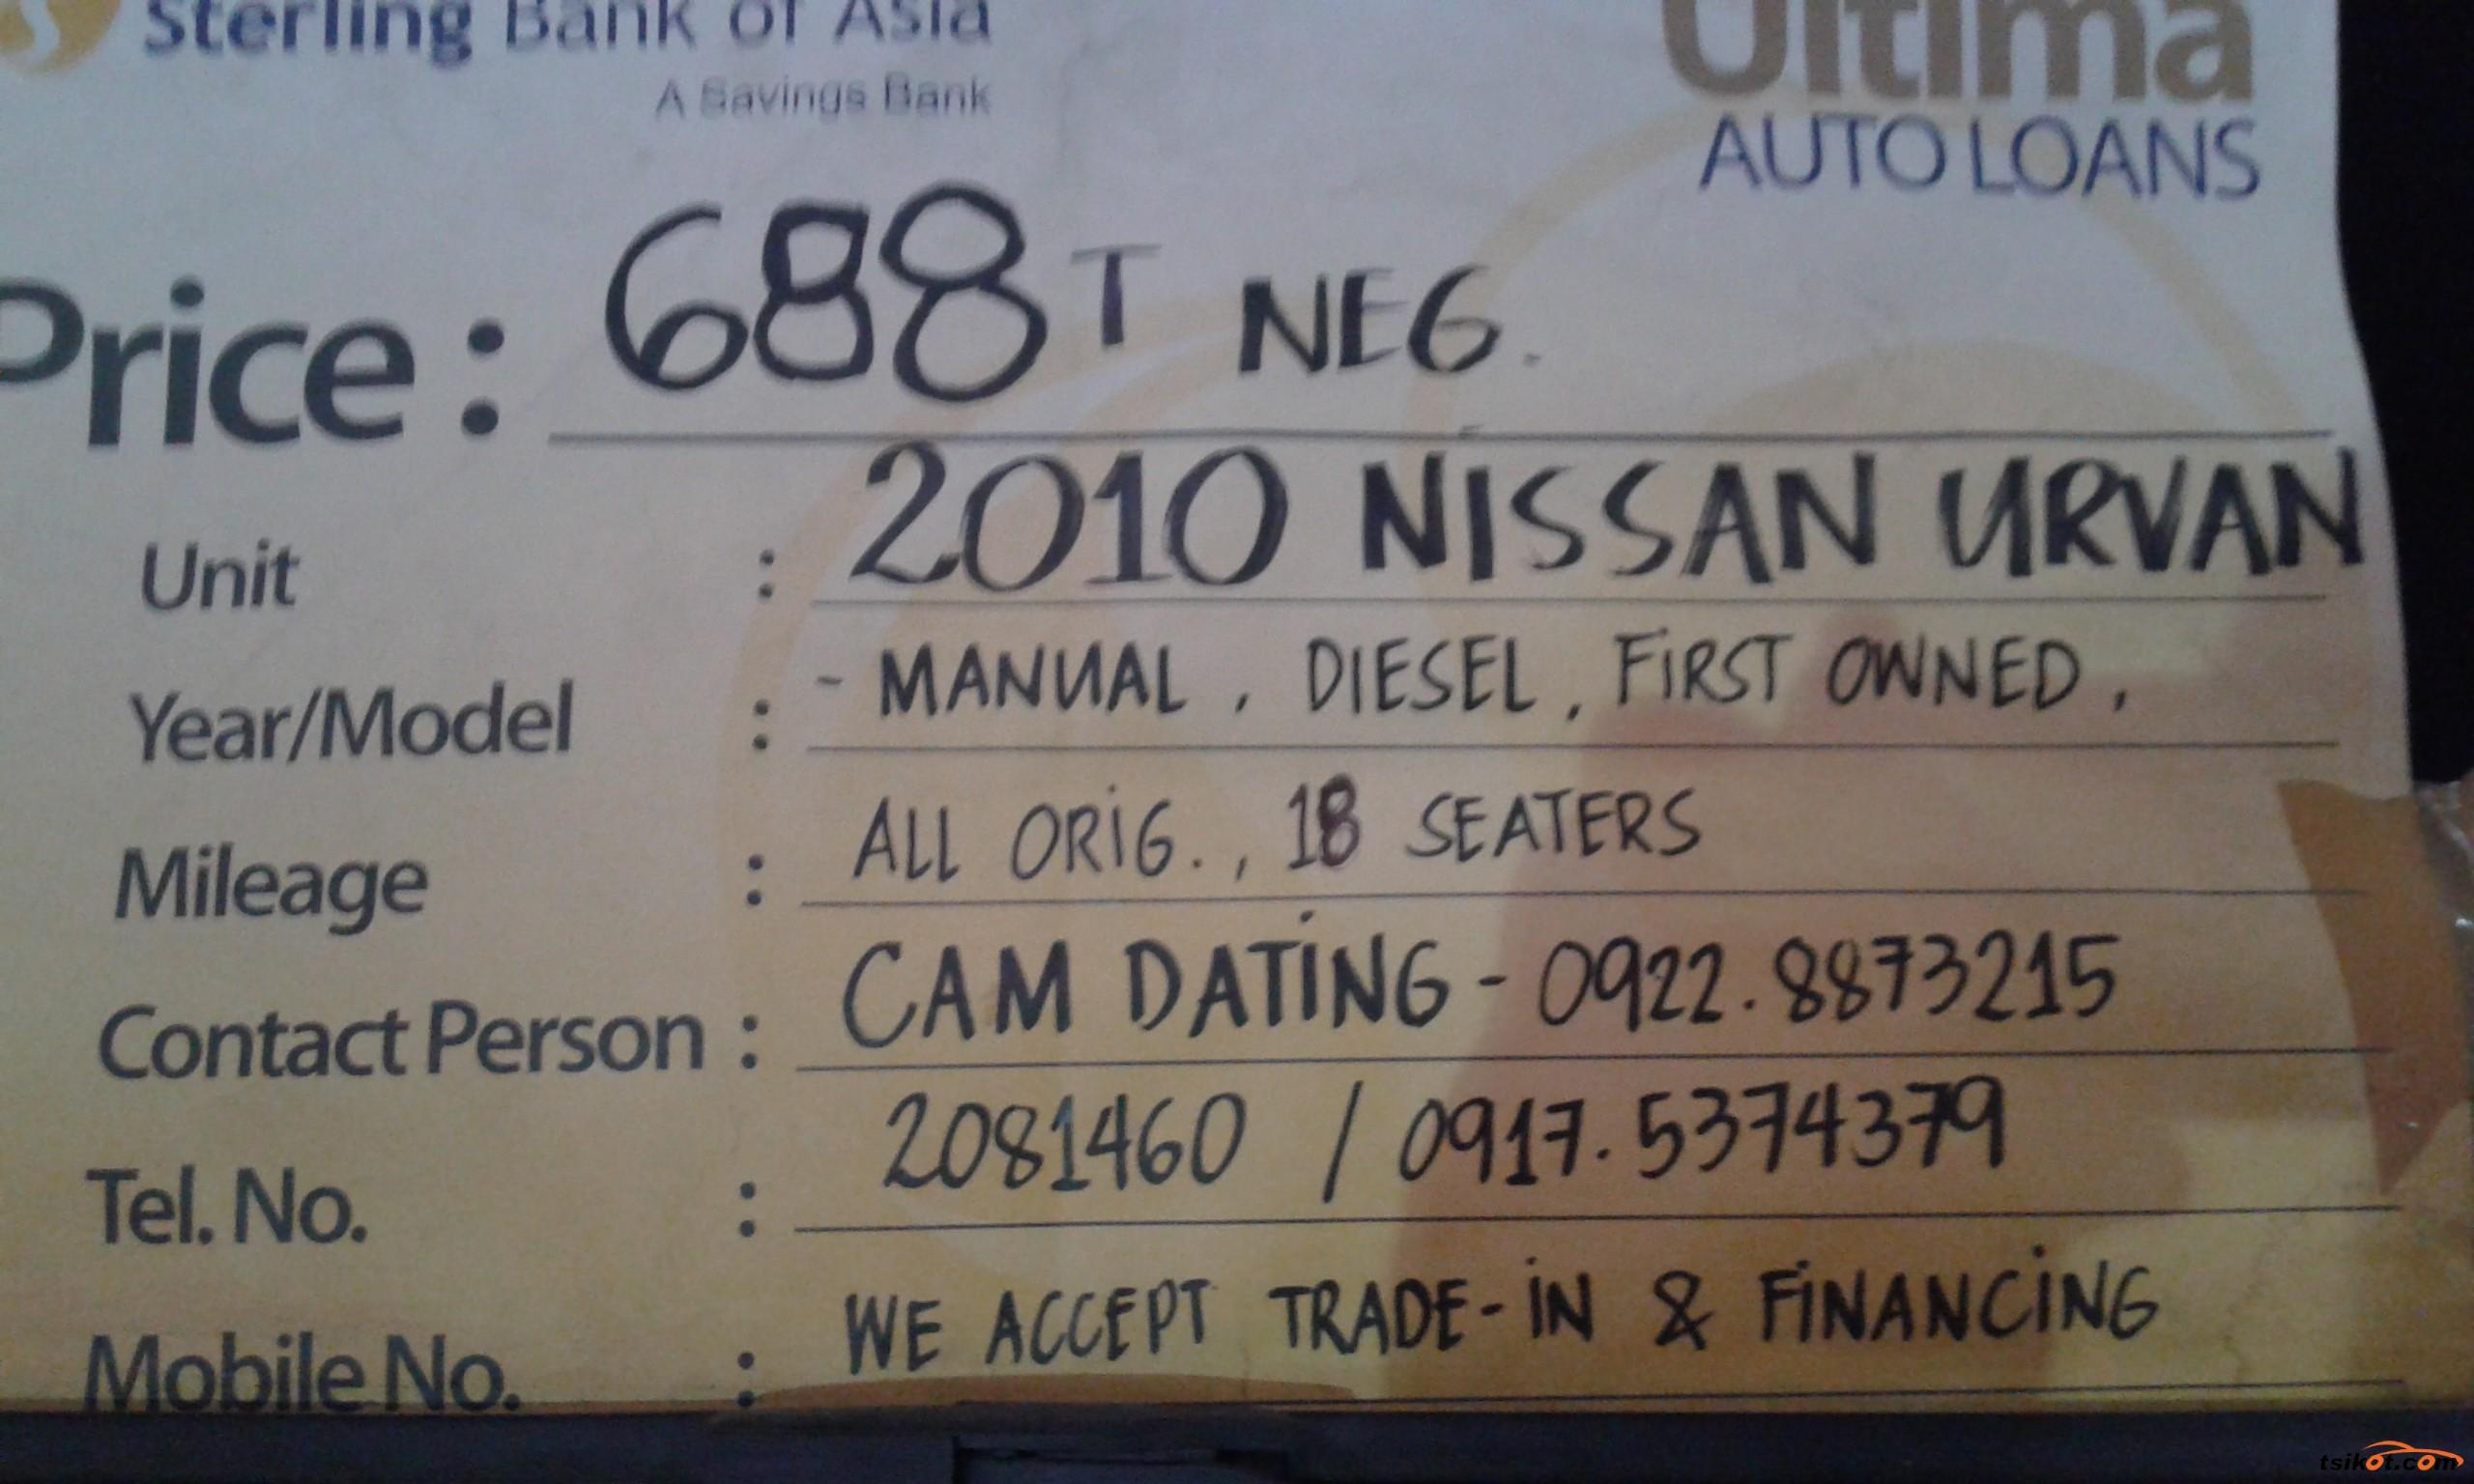 Nissan Urvan 2010 - 6